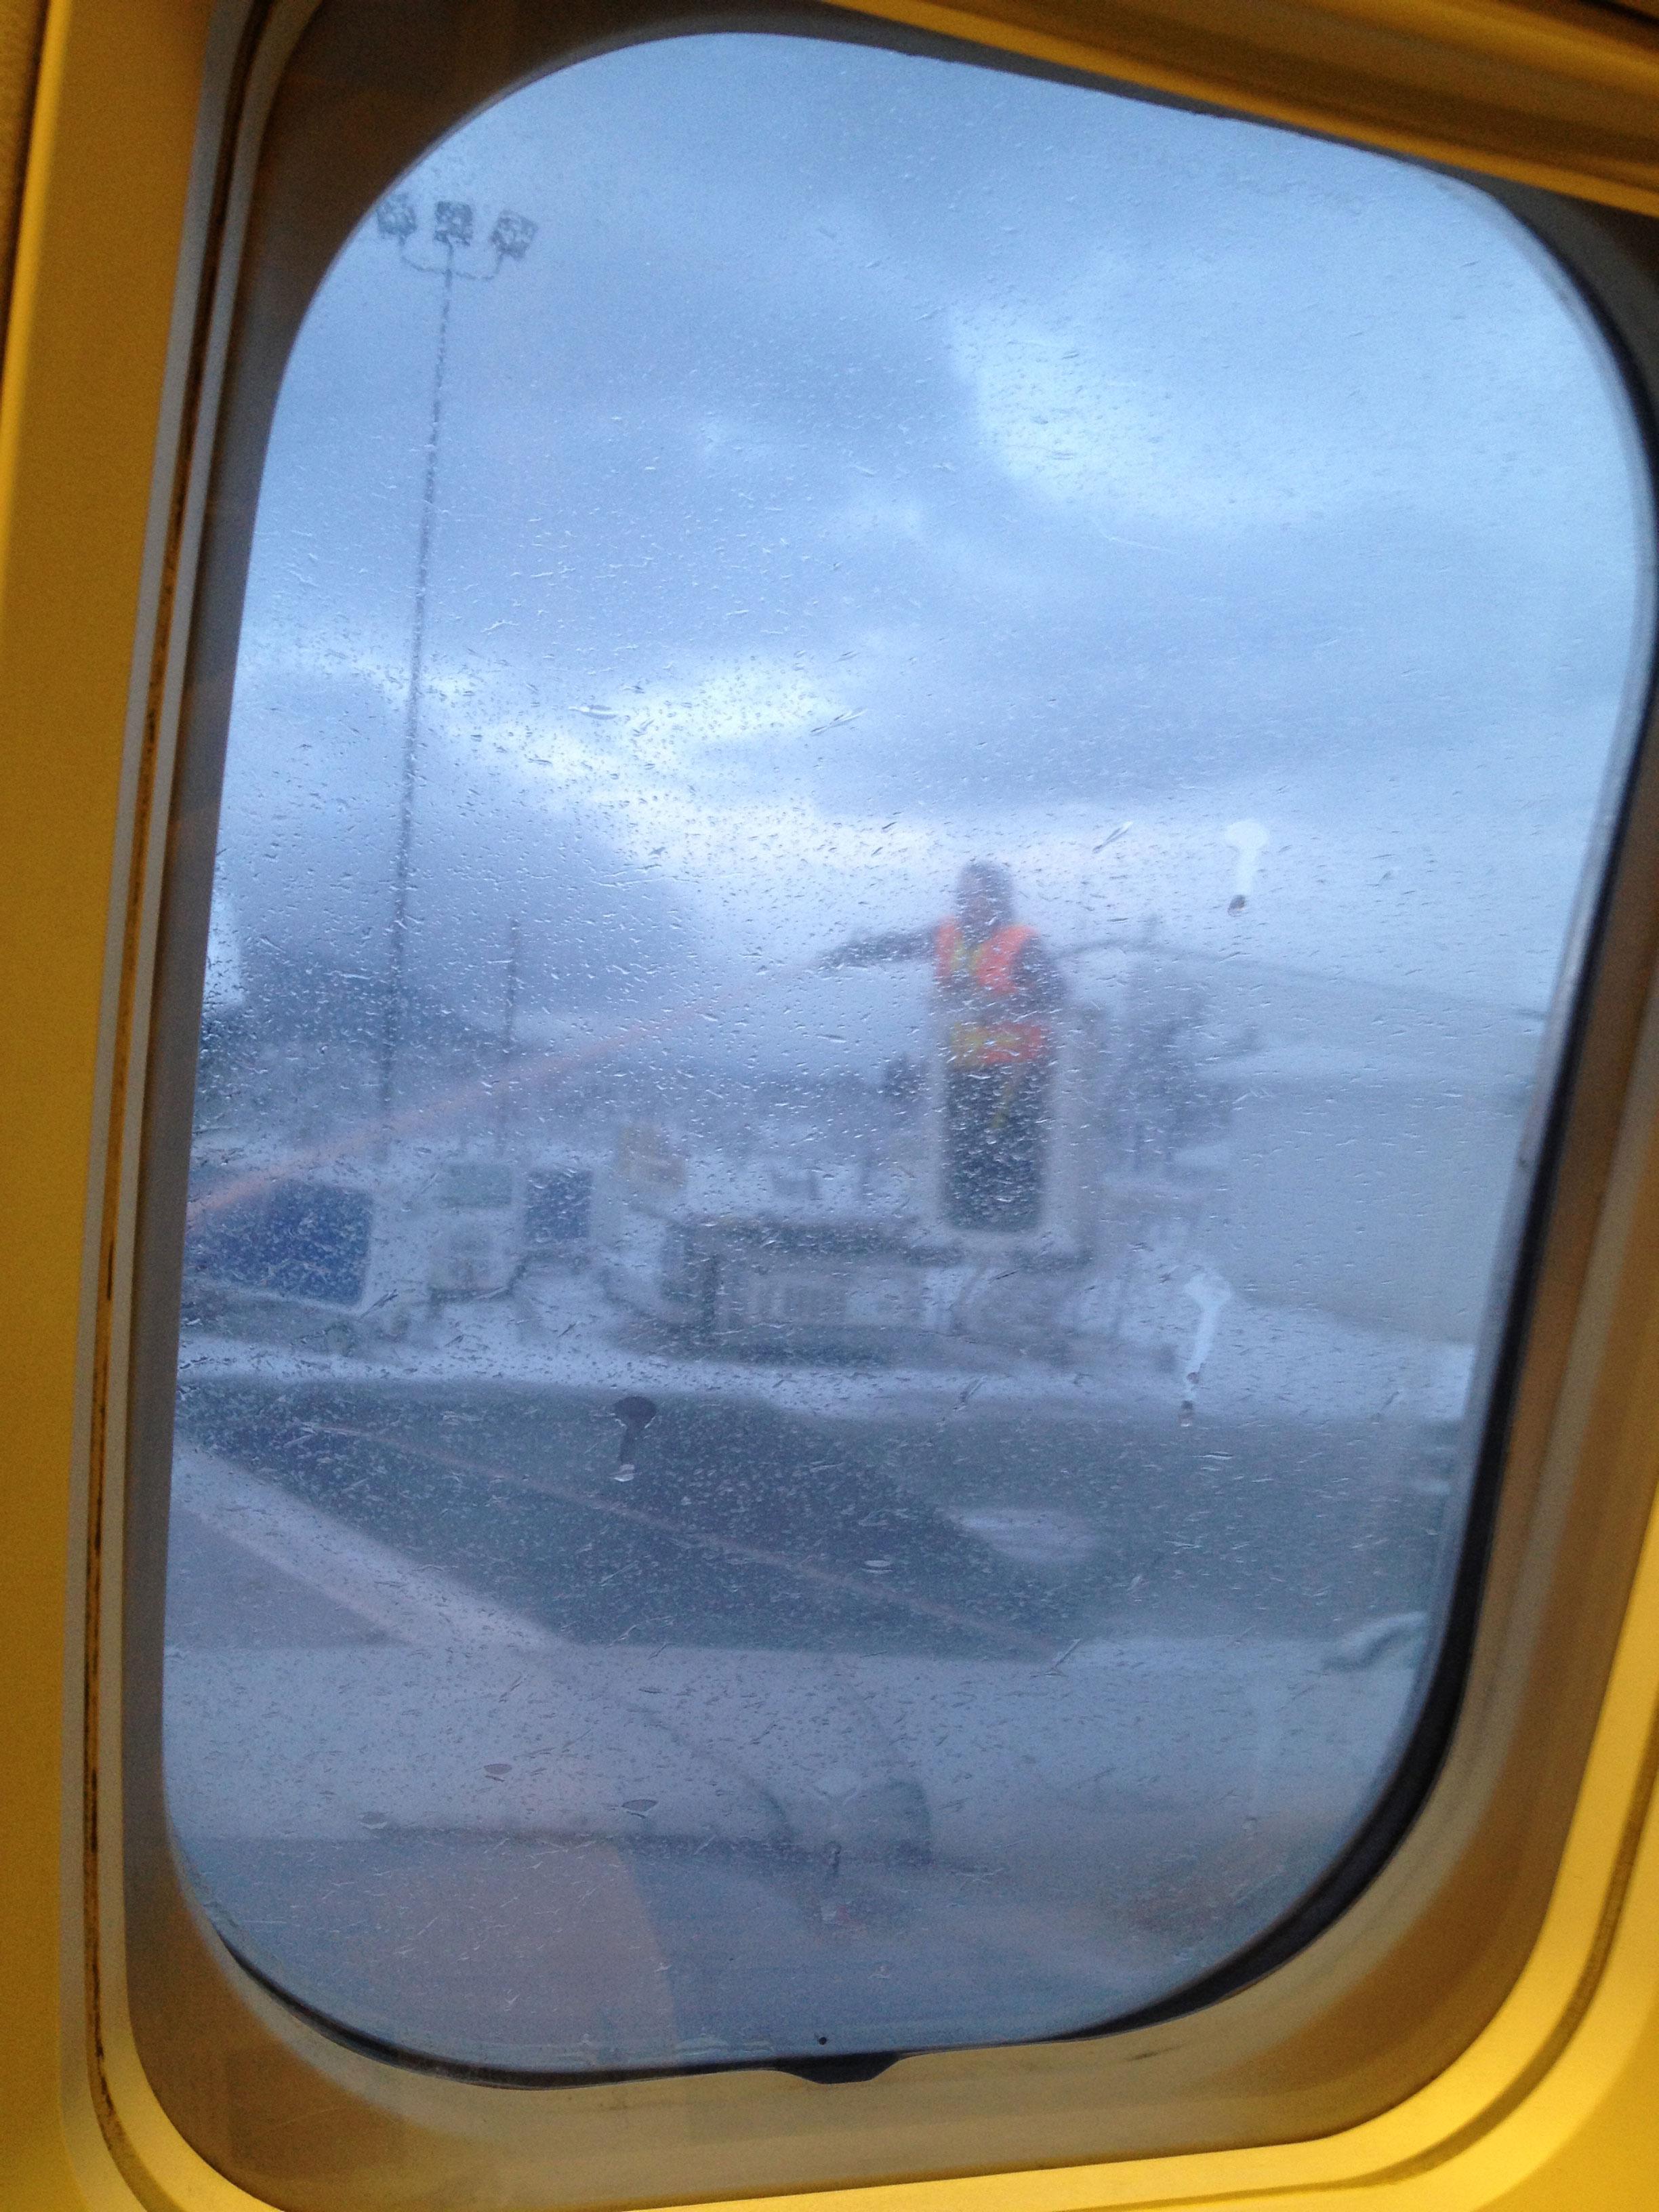 De-icing the plane in Petersburg, Alaska.